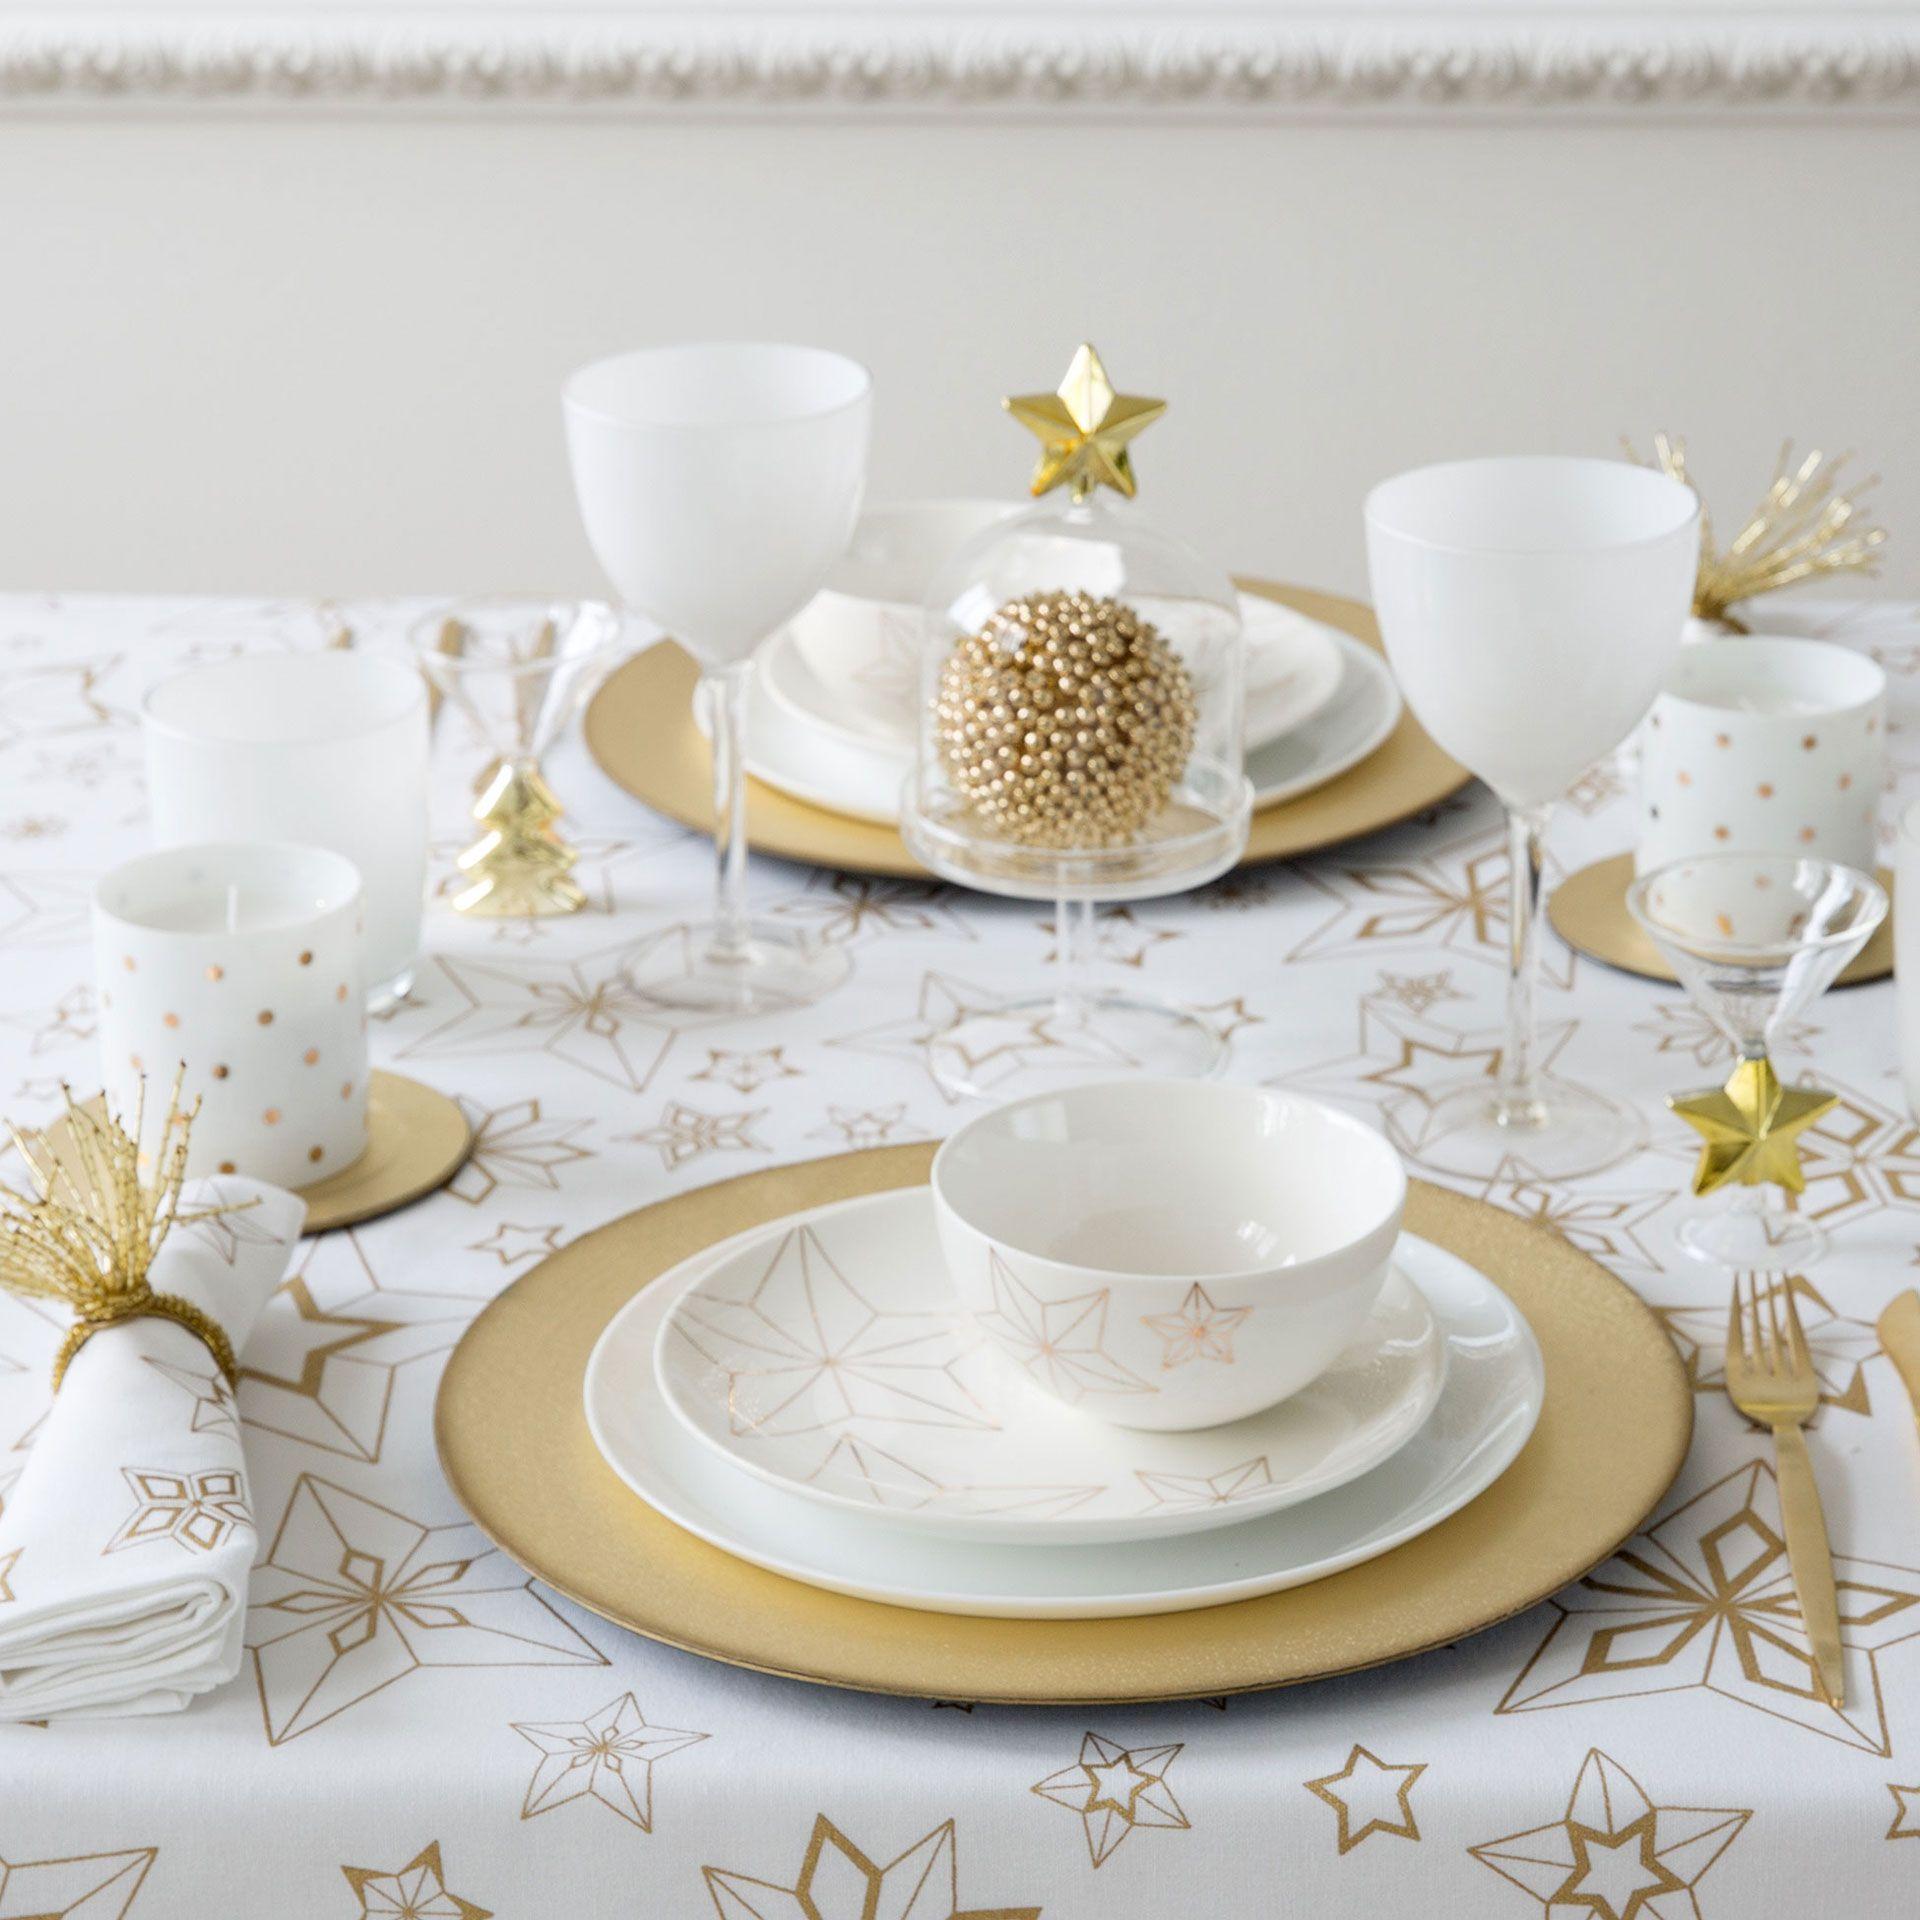 Mantel y servilletas algod n estrellas geom tricas mesa for Servilletas papel zara home